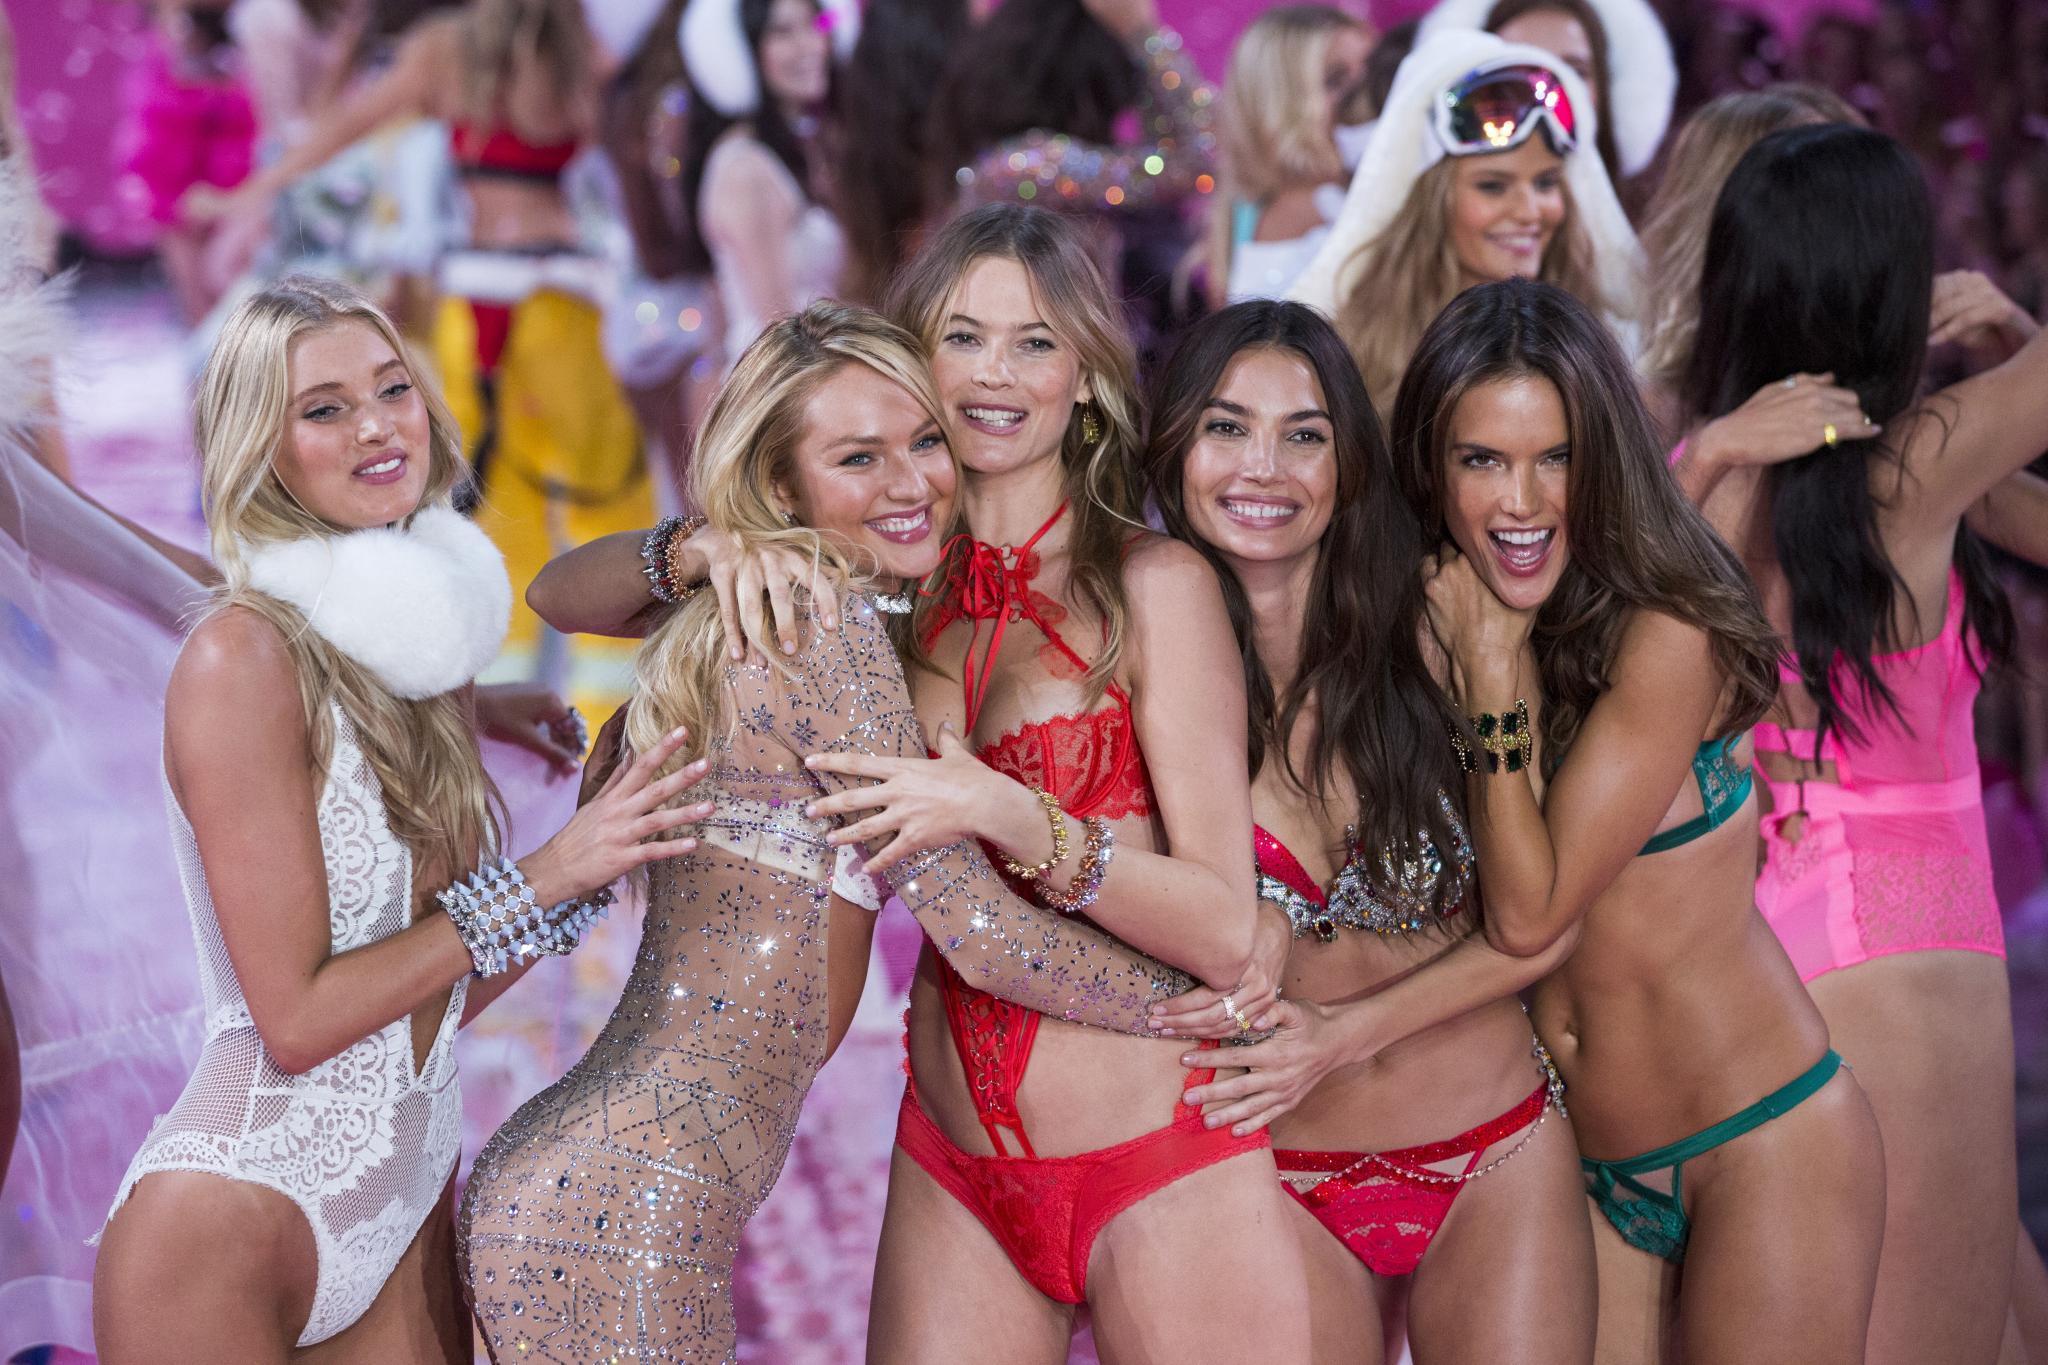 Victoria's Secret - Models